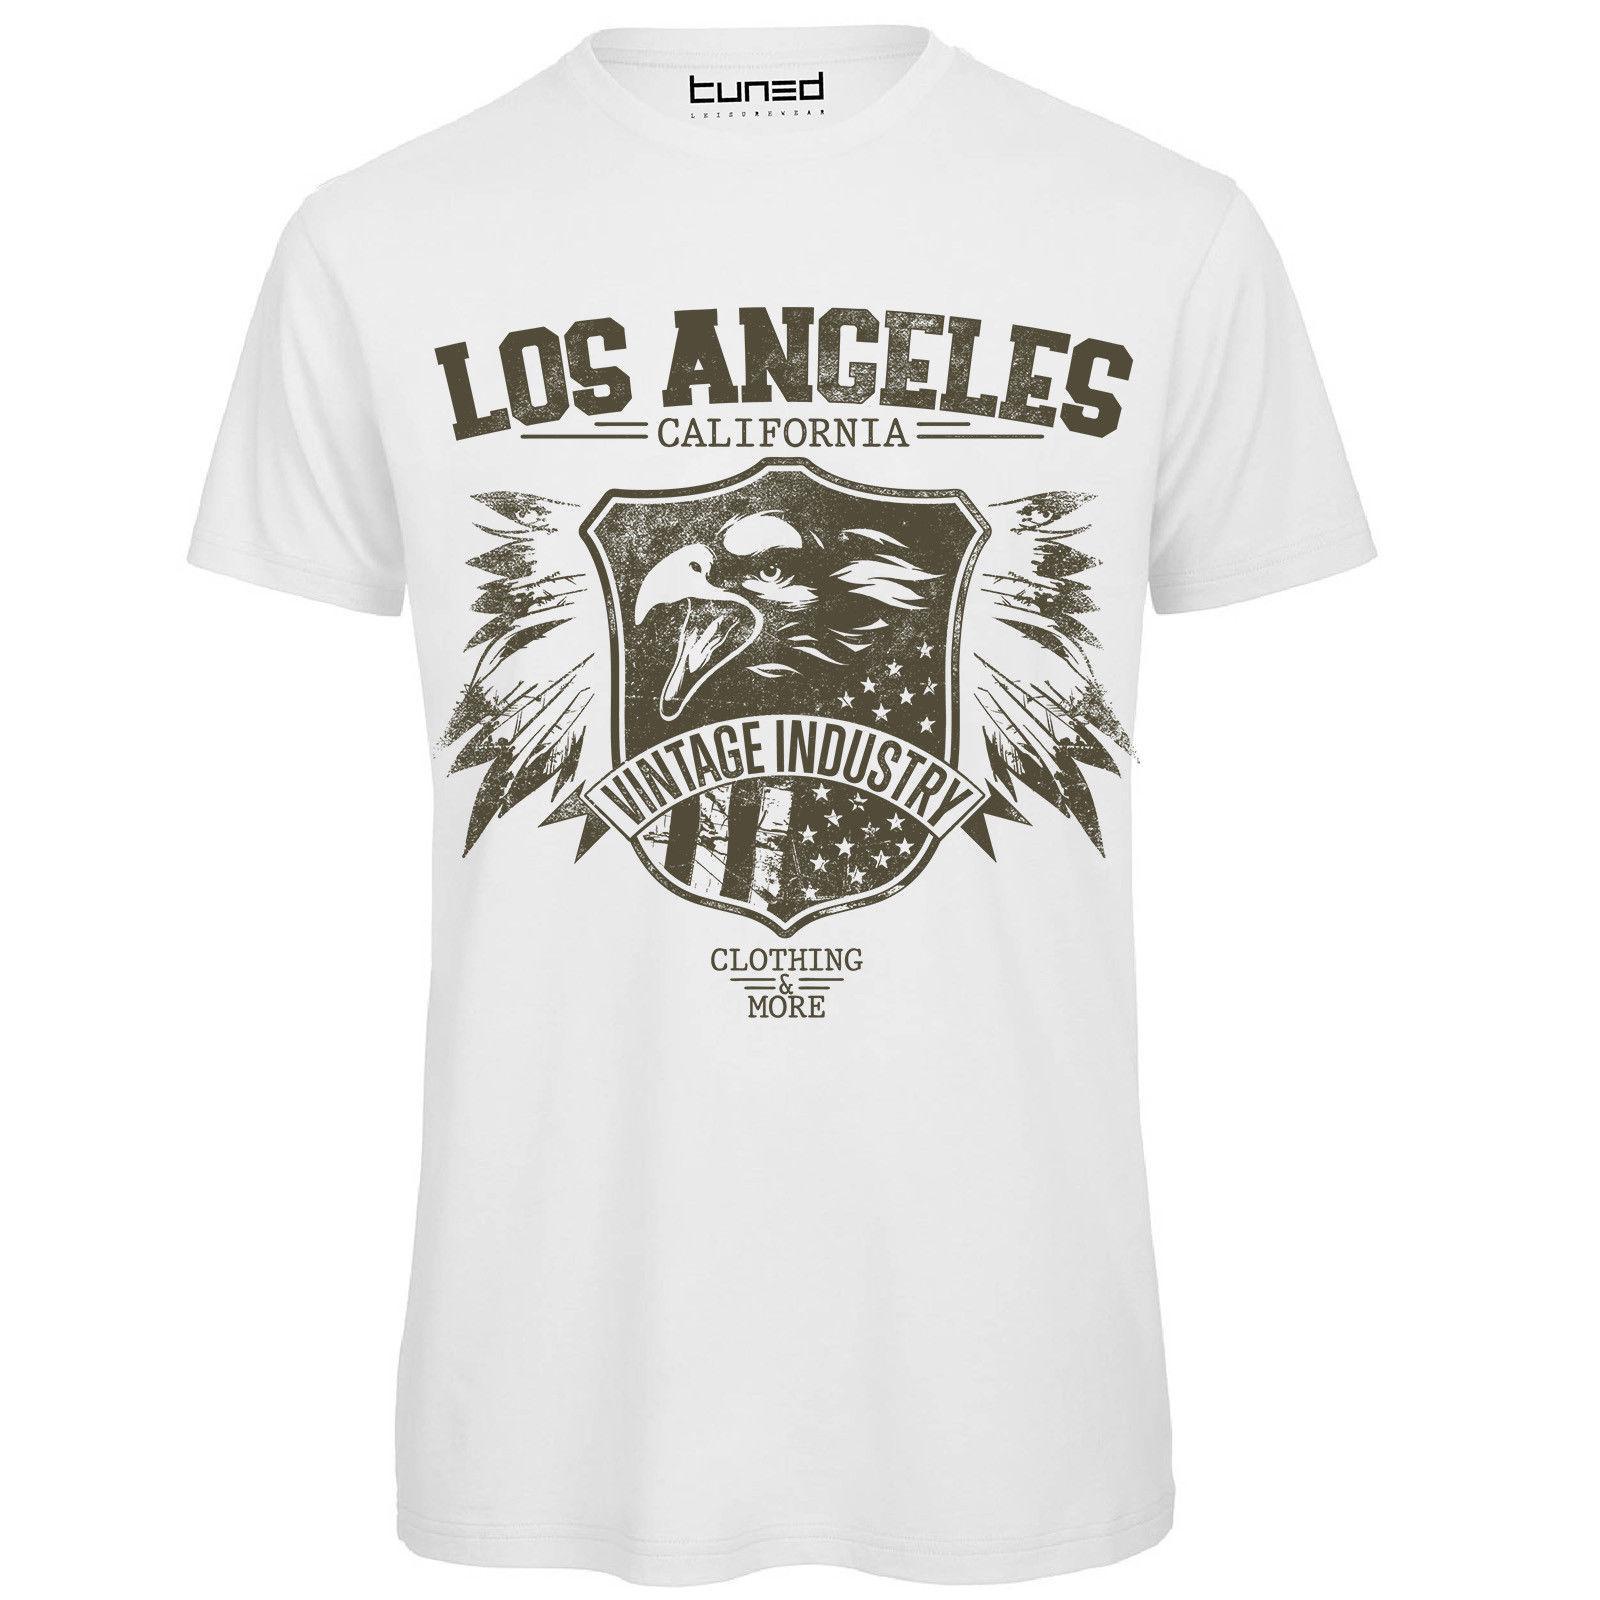 b8cb87de6c T-shirt Divertente Uomo Con Stampa Scritte Vintage Los Angeles Eagle Tuned  Men Adult T Shirt Short Sleeve Cotton